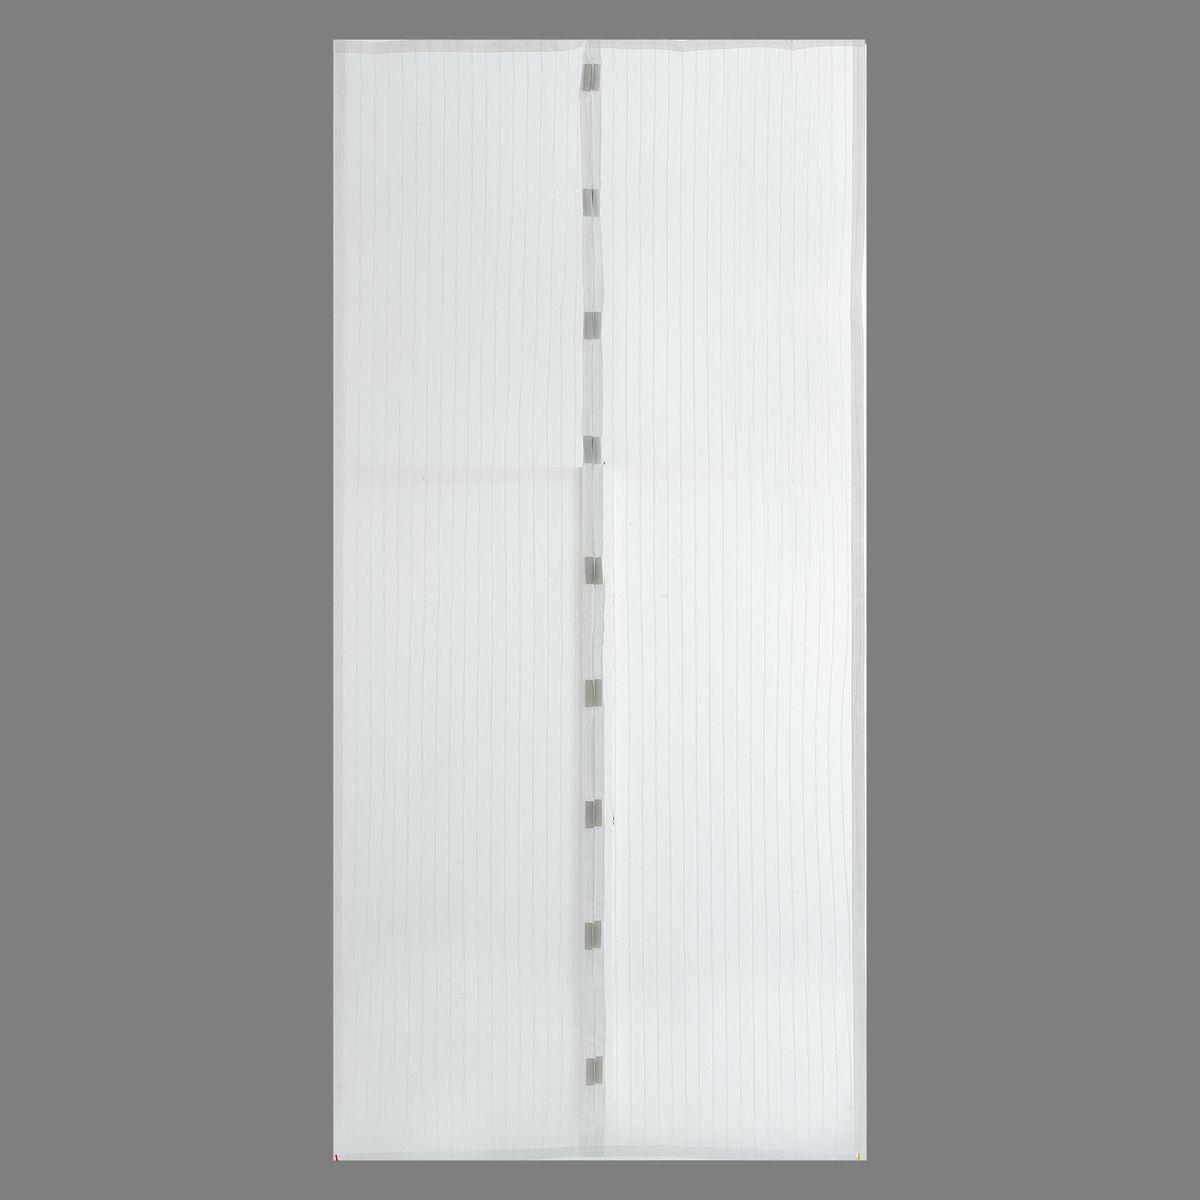 Сетка антимоскитная, на магнитной ленте, цвет: белый, 100 х 210 см. 14832481483248Сетка антимоскитная защитит вас от насекомых, изготовленная на магнитной ленте, универсальна в использовании: подвесьте ее при входе в садовый дом или балкон, чтобы предотвратить попадание комаров внутрь жилища. Наслаждайтесь свежим воздухом без компании надоедливых насекомых.Чтобы зафиксировать занавес в дверном проеме, достаточно закрепить занавеску по периметру двери с помощью кнопок, идущих в комплекте.В комплект входит: полиэстеровая сетка-штора (100 x 210 см), магнитная лента и крепёжные крючки.Принцип действия занавеса предельно прост: каждый раз, когда вы будете проходить сквозь шторы, они автоматически захлопнутся за вами благодаря магнитам, расположенным по всей его длине.